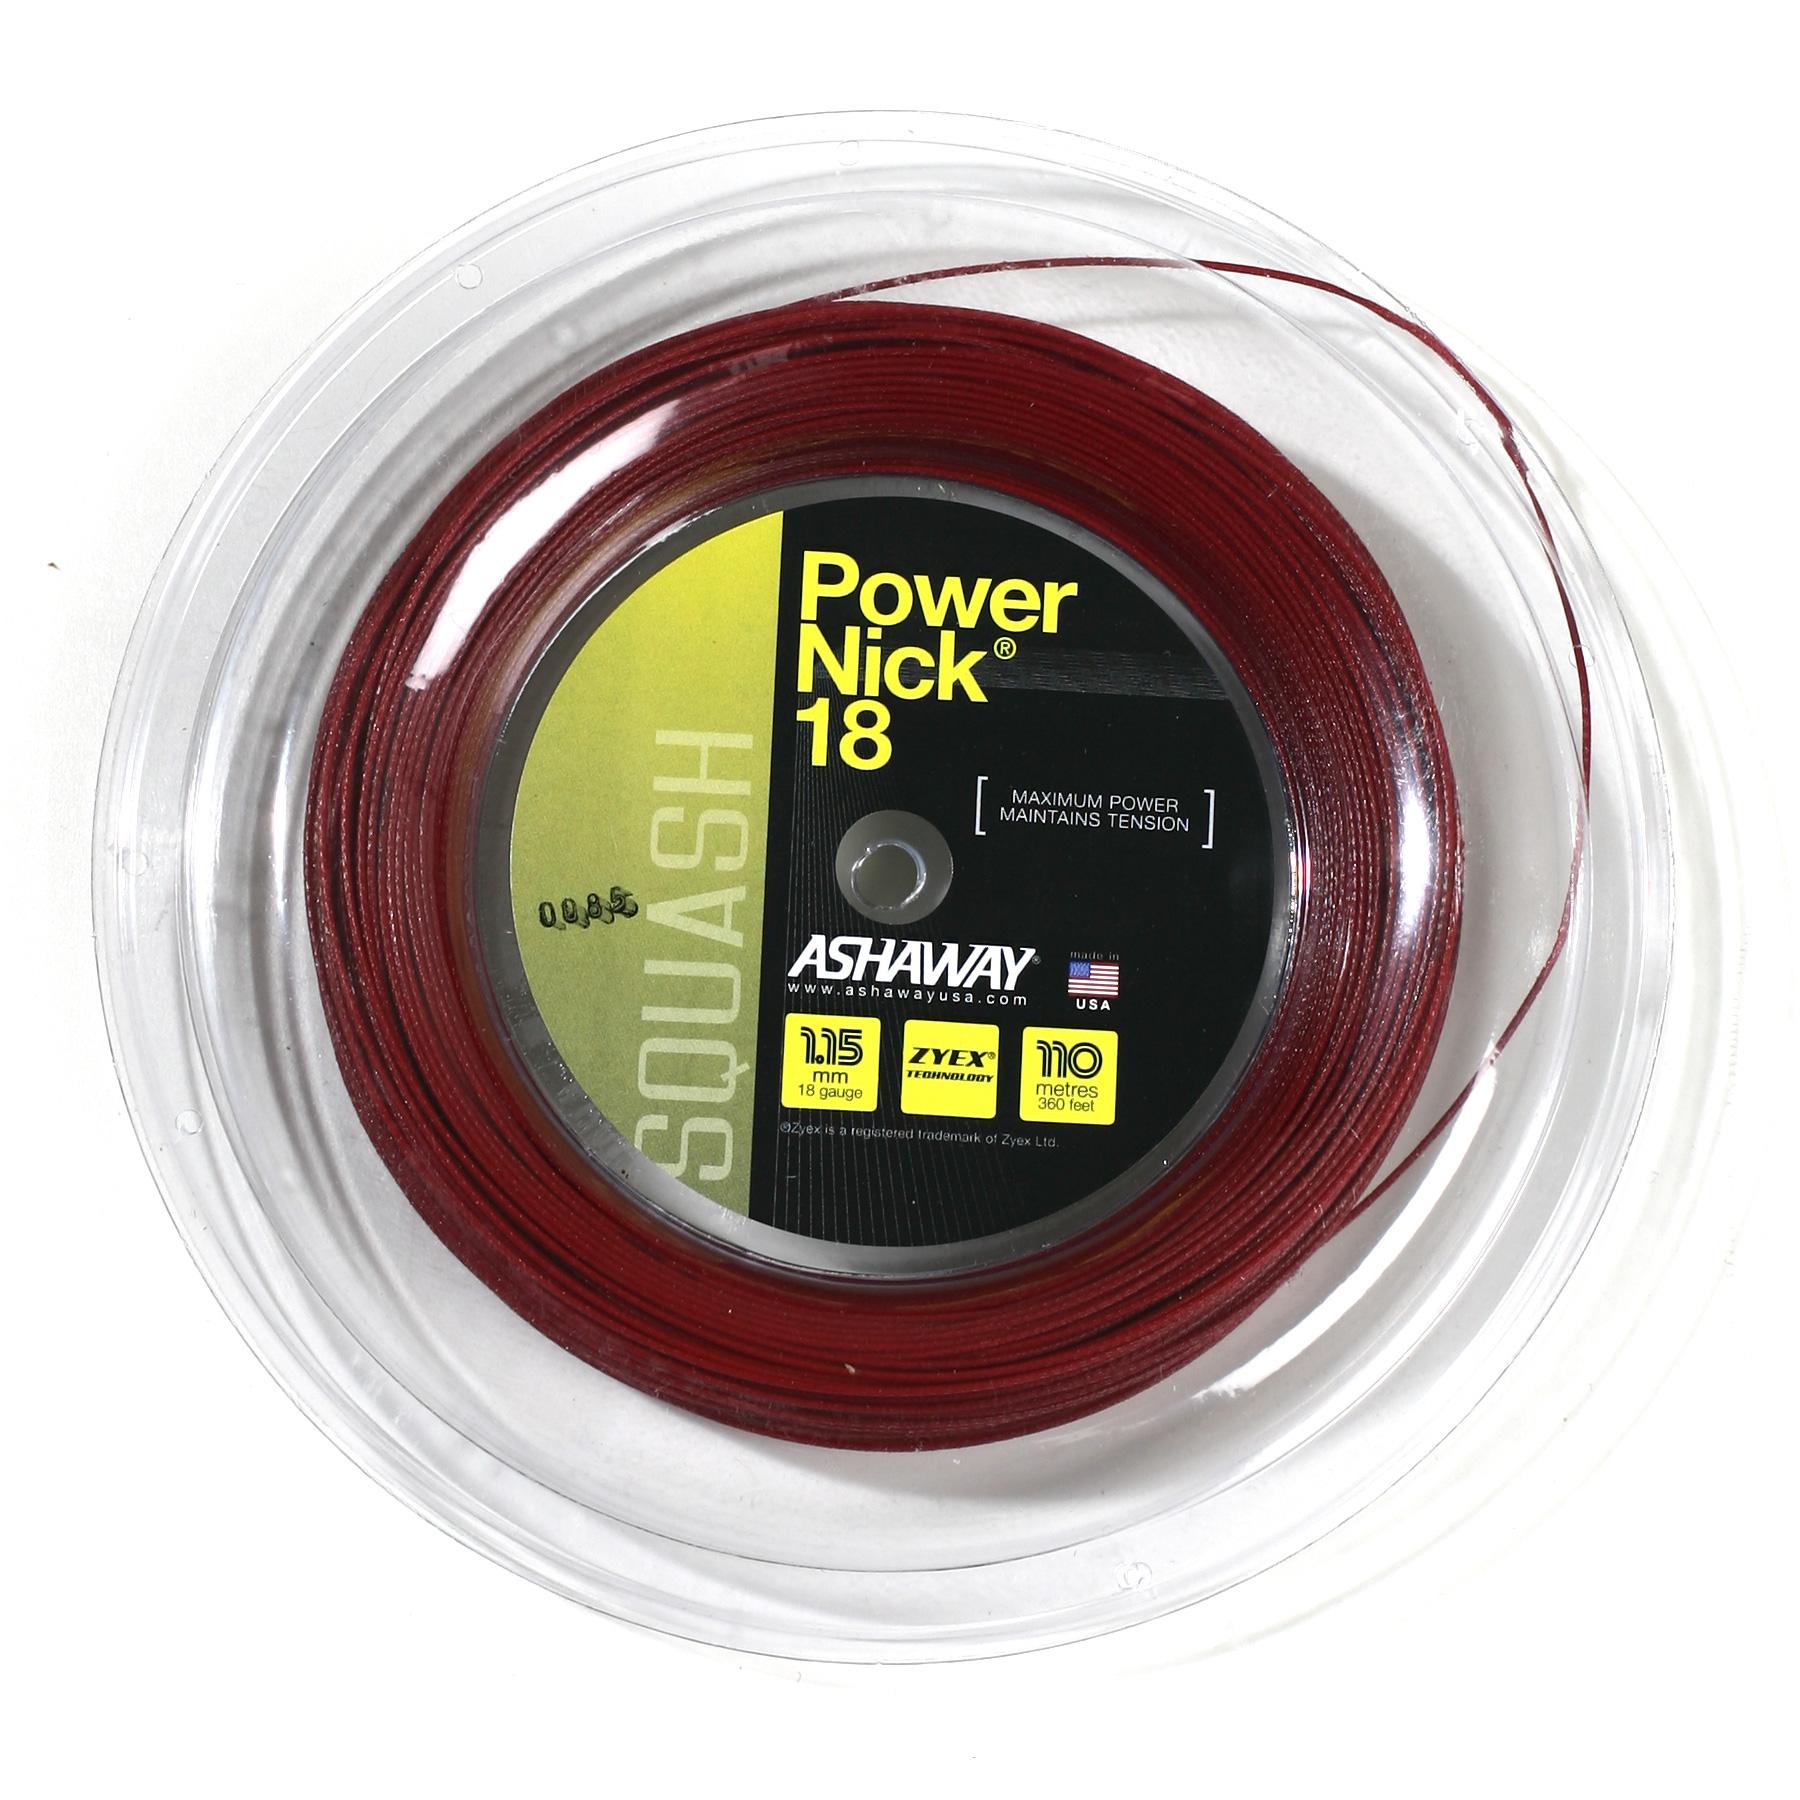 Ashaway PowerNick 18 Squash String – 110m Reel